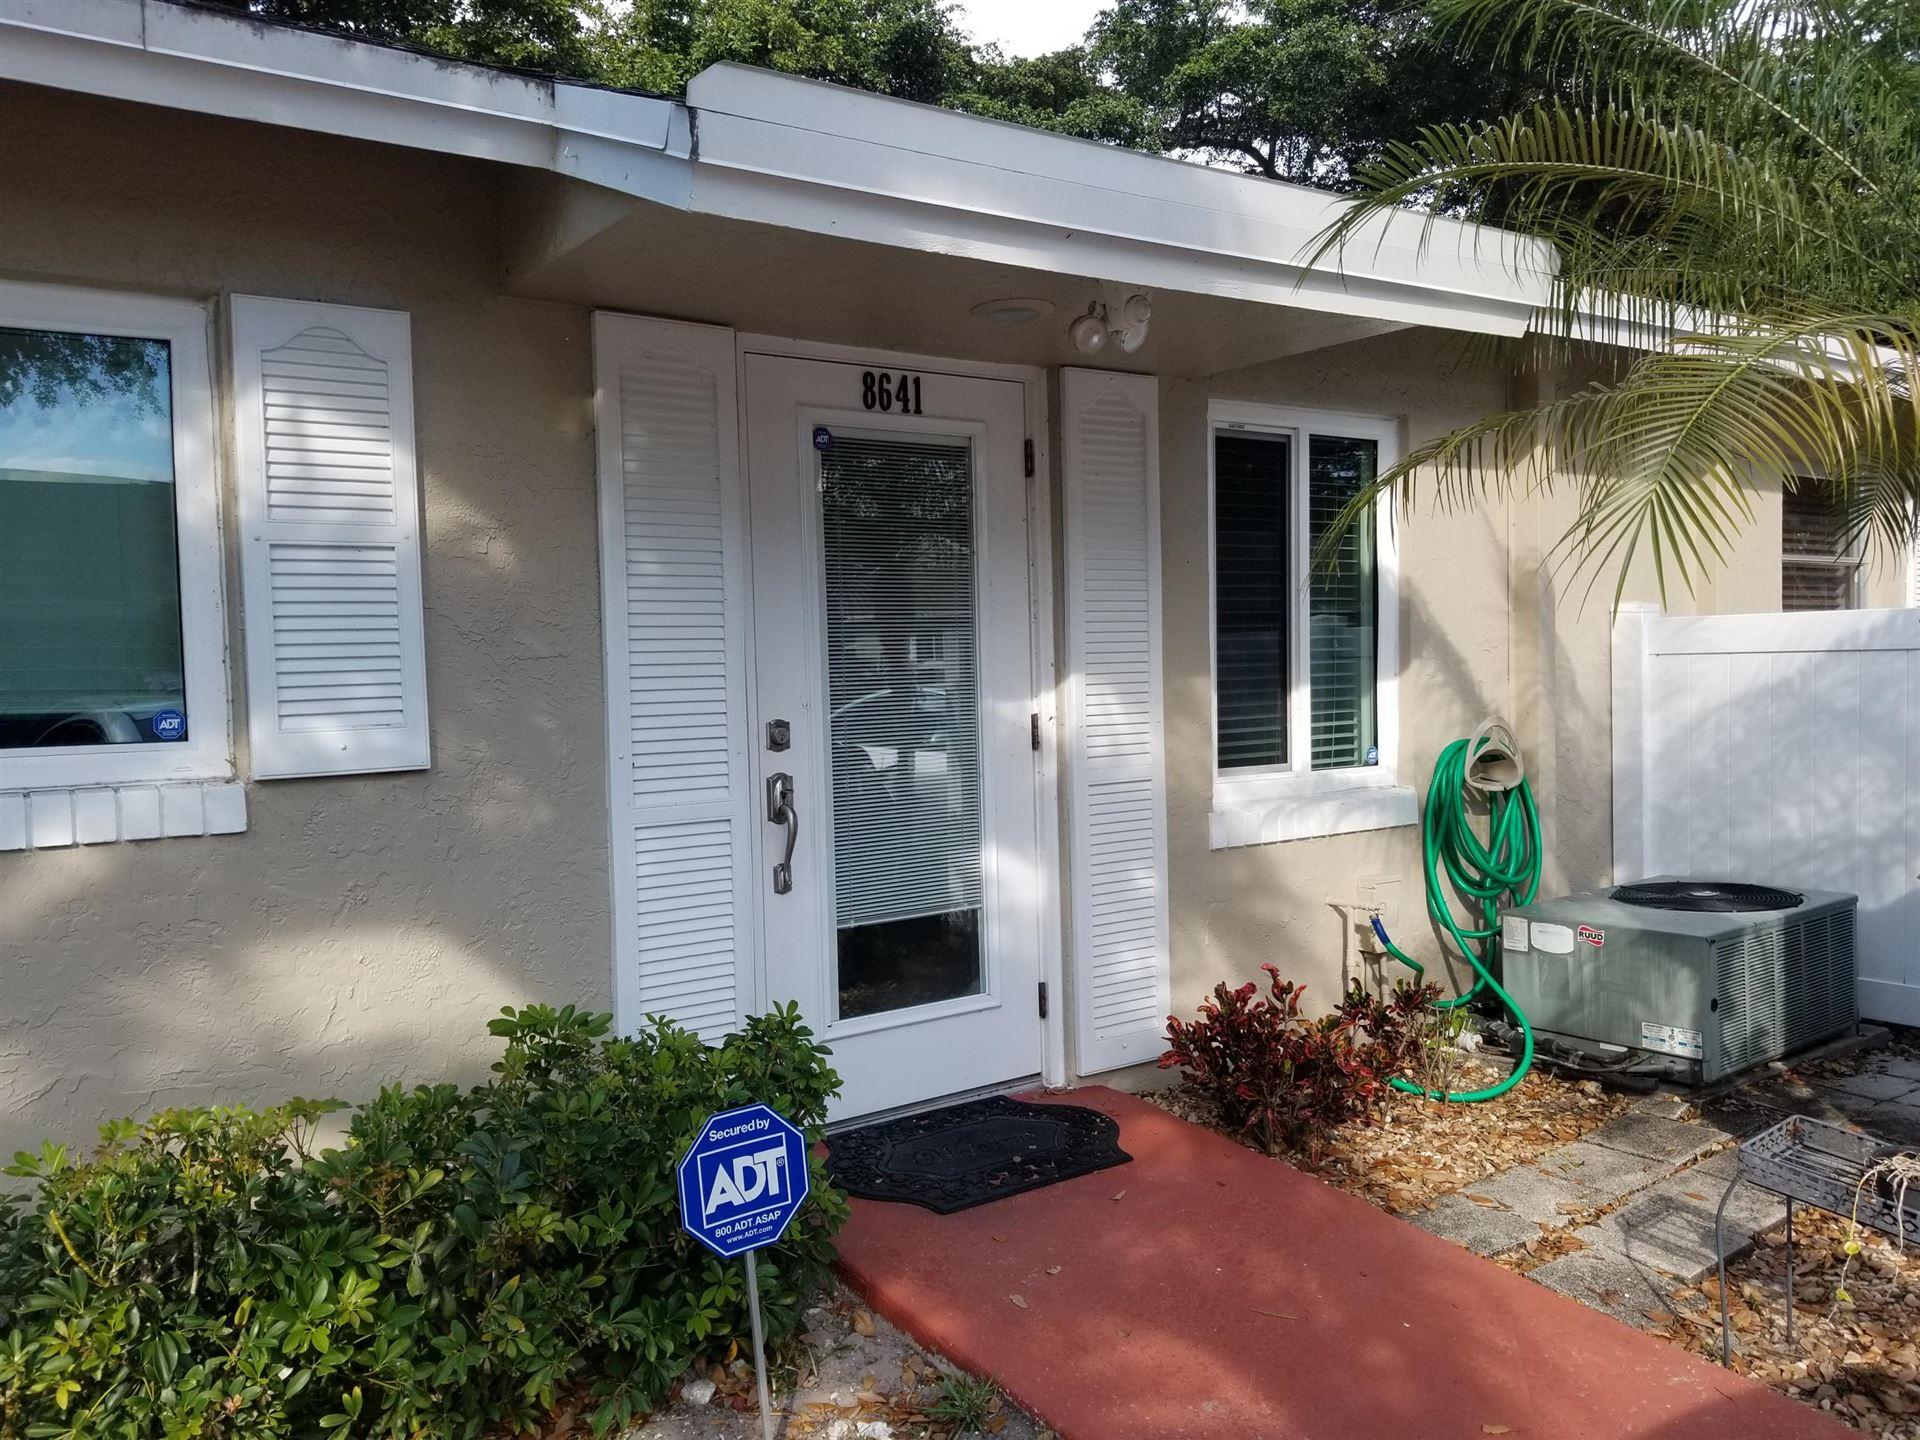 8641 Dreamside Lane #C, Boca Raton, FL 33496 - #: RX-10683939